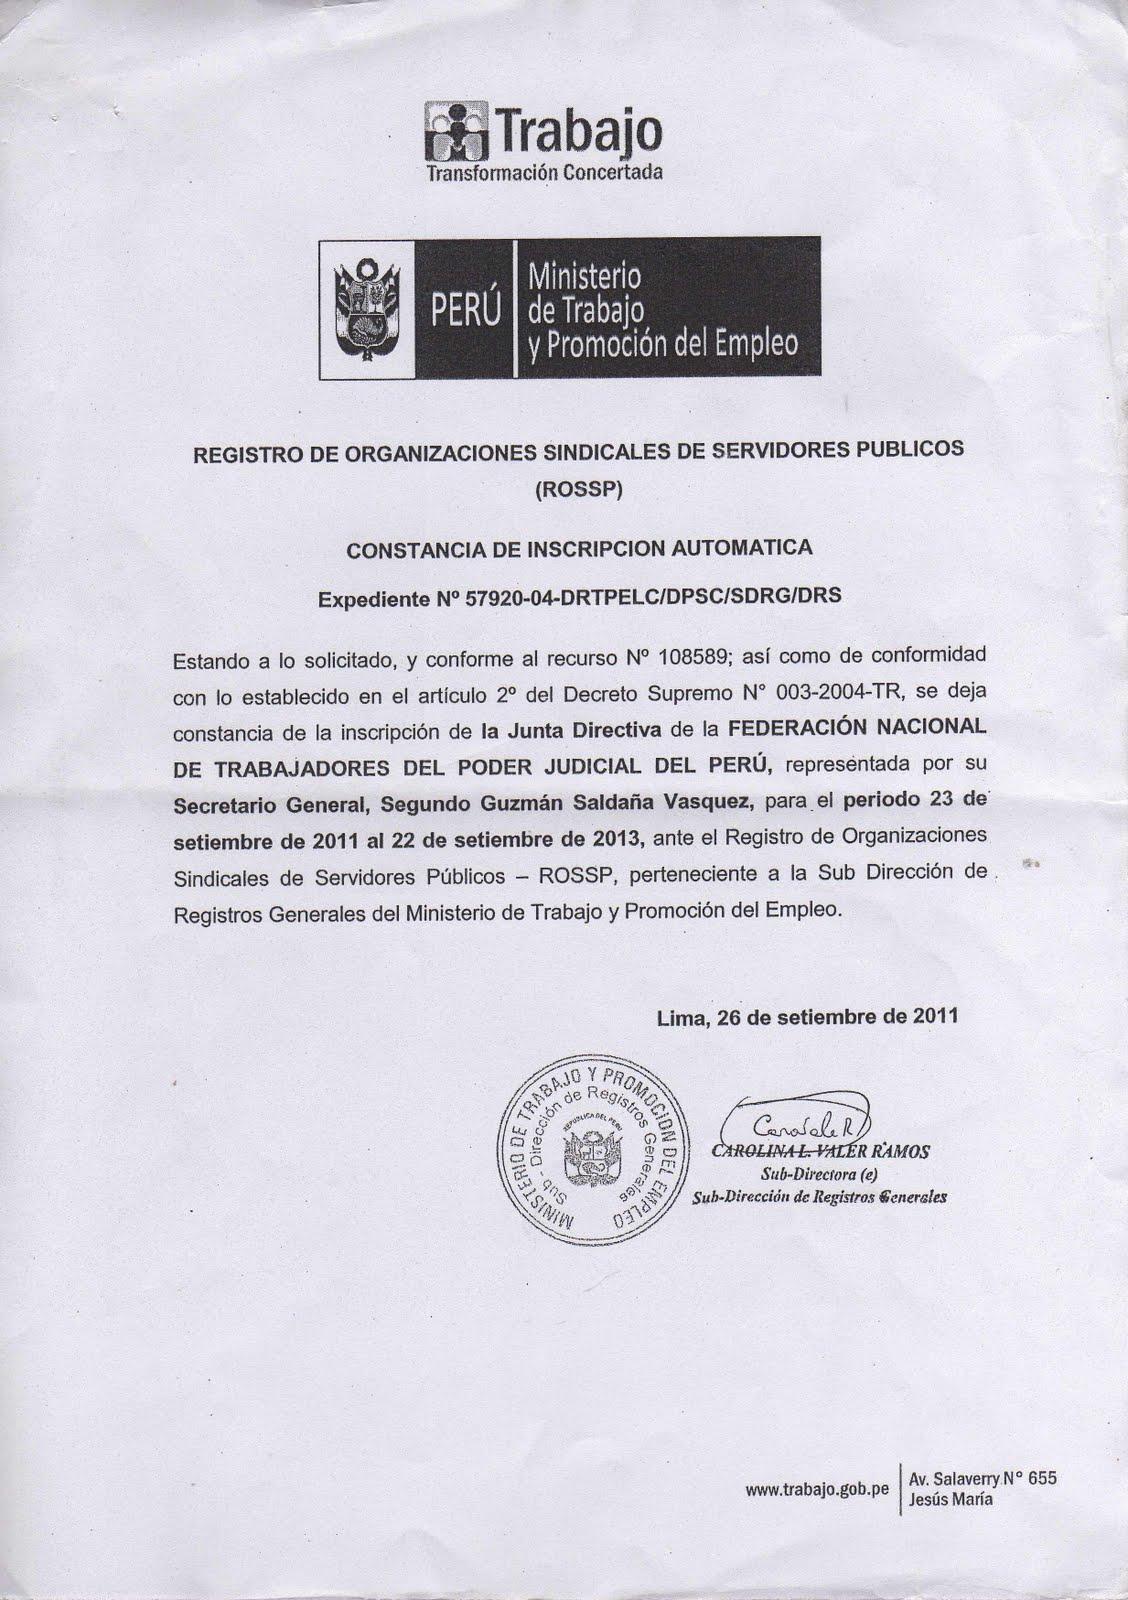 MINISTERIO DE TRABAJO Y PROMOCIÓN DEL EMPLEO OTORGA CONSTANCIA DE